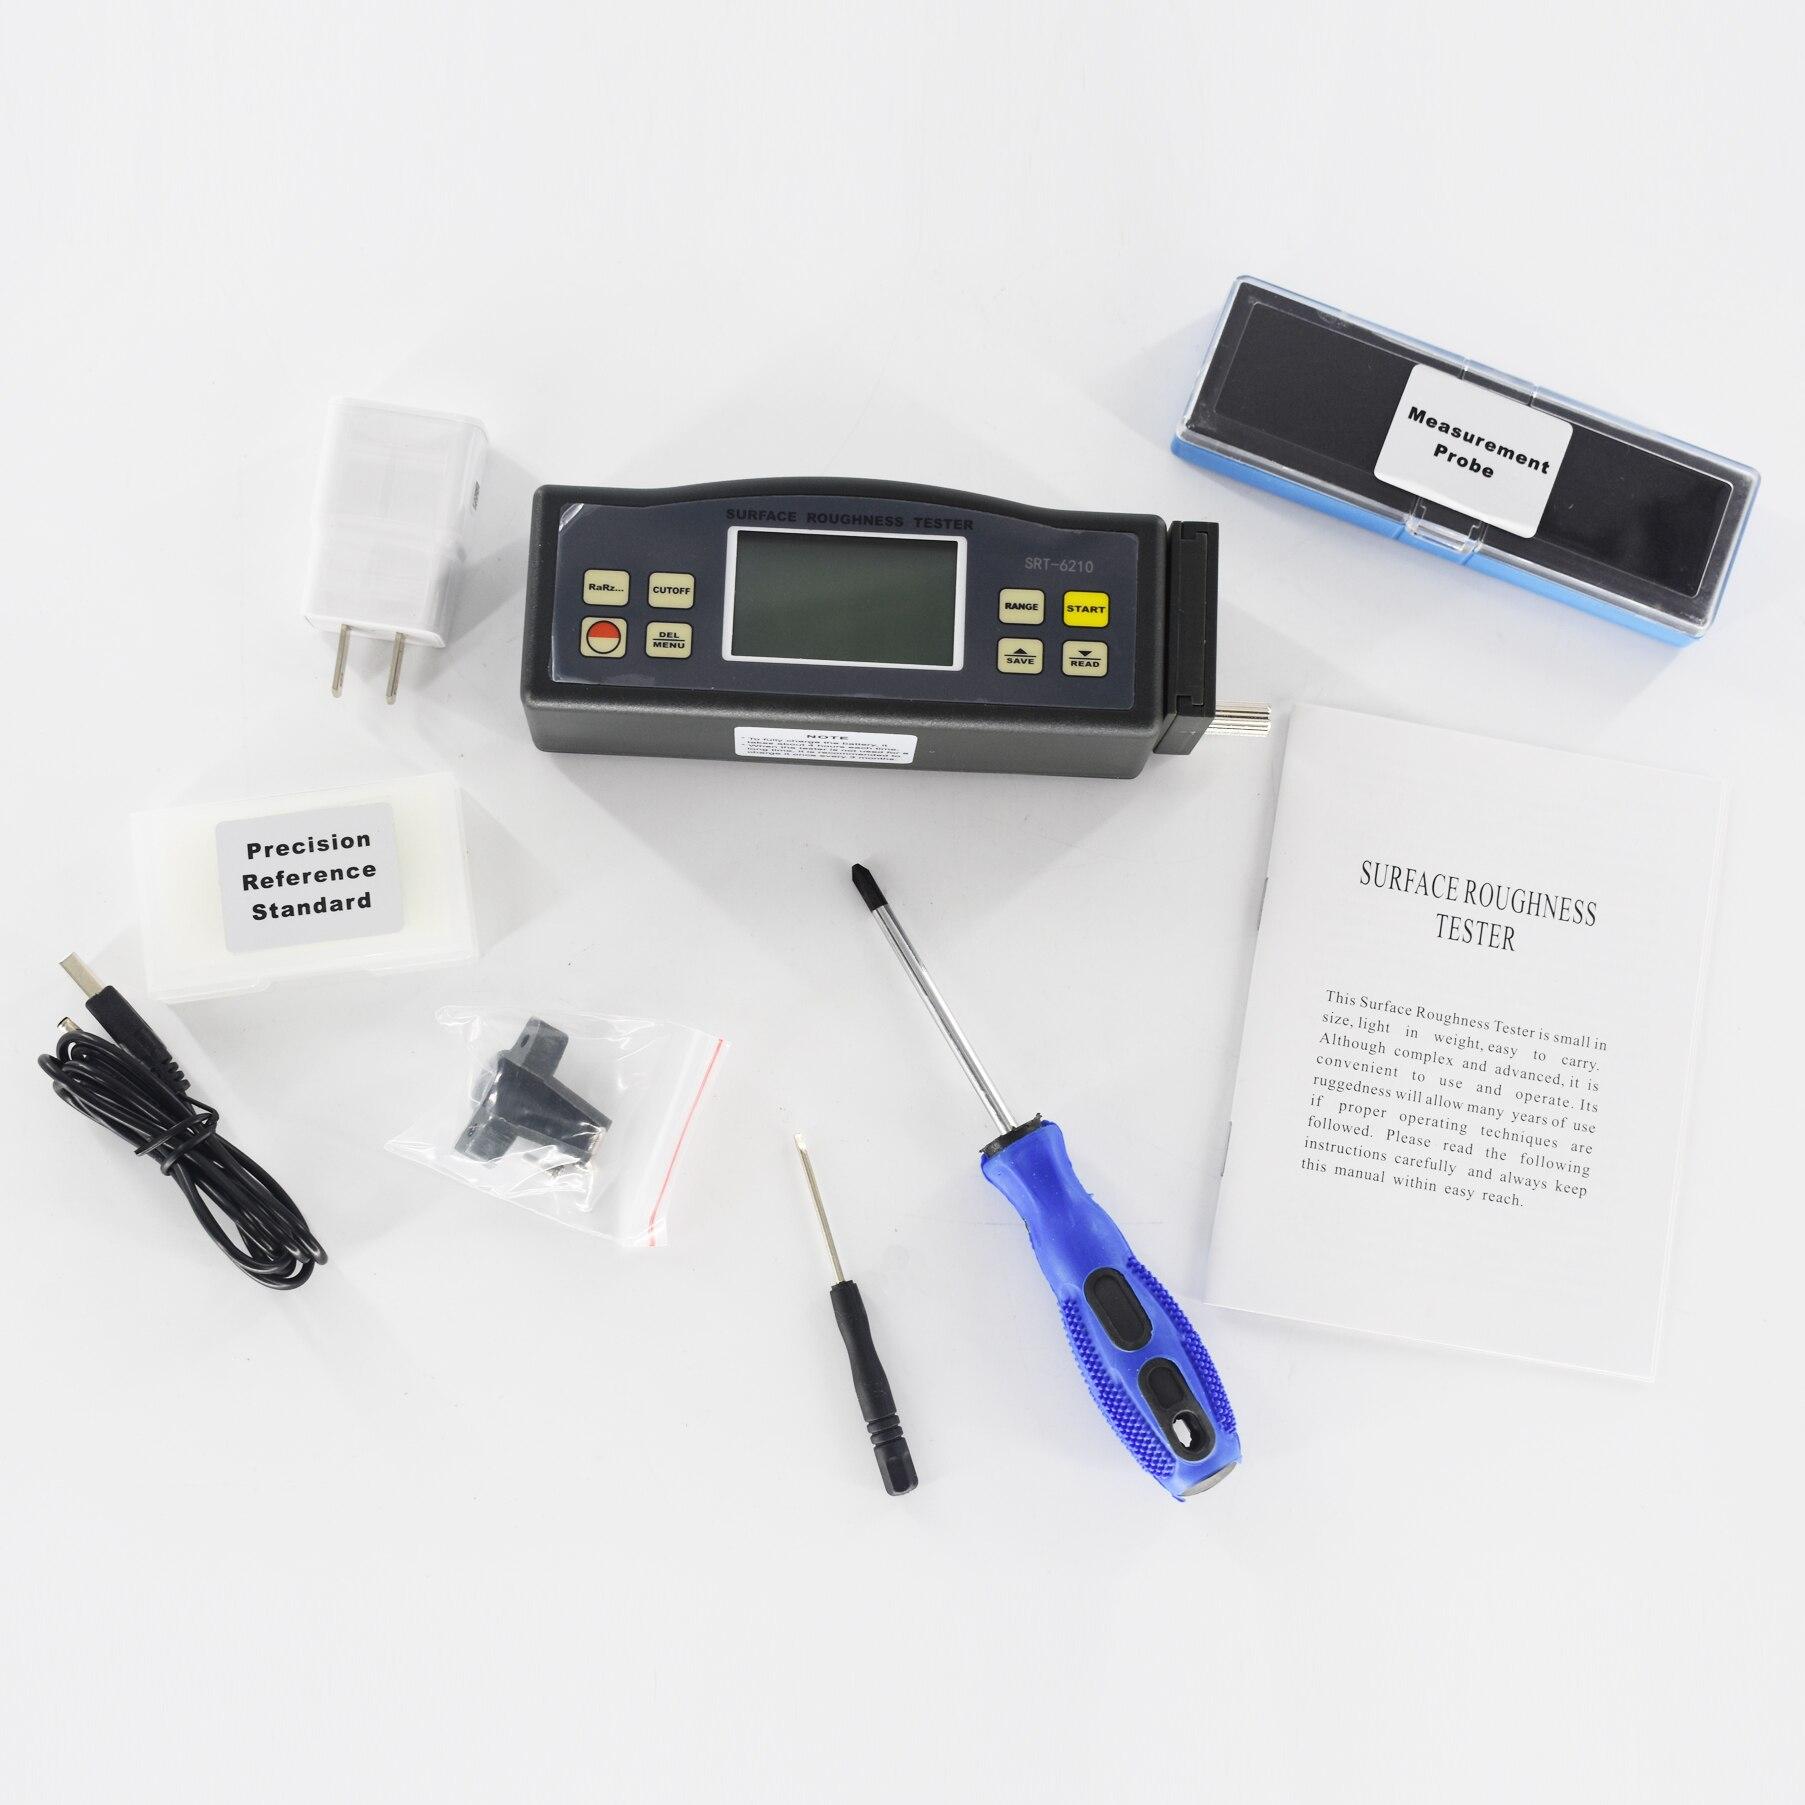 أداة قياس خشونة الأسطح SRT-6210 اختبار خشونة الرقمية المعلمات Ra ، Rq ، Rz ، Rt